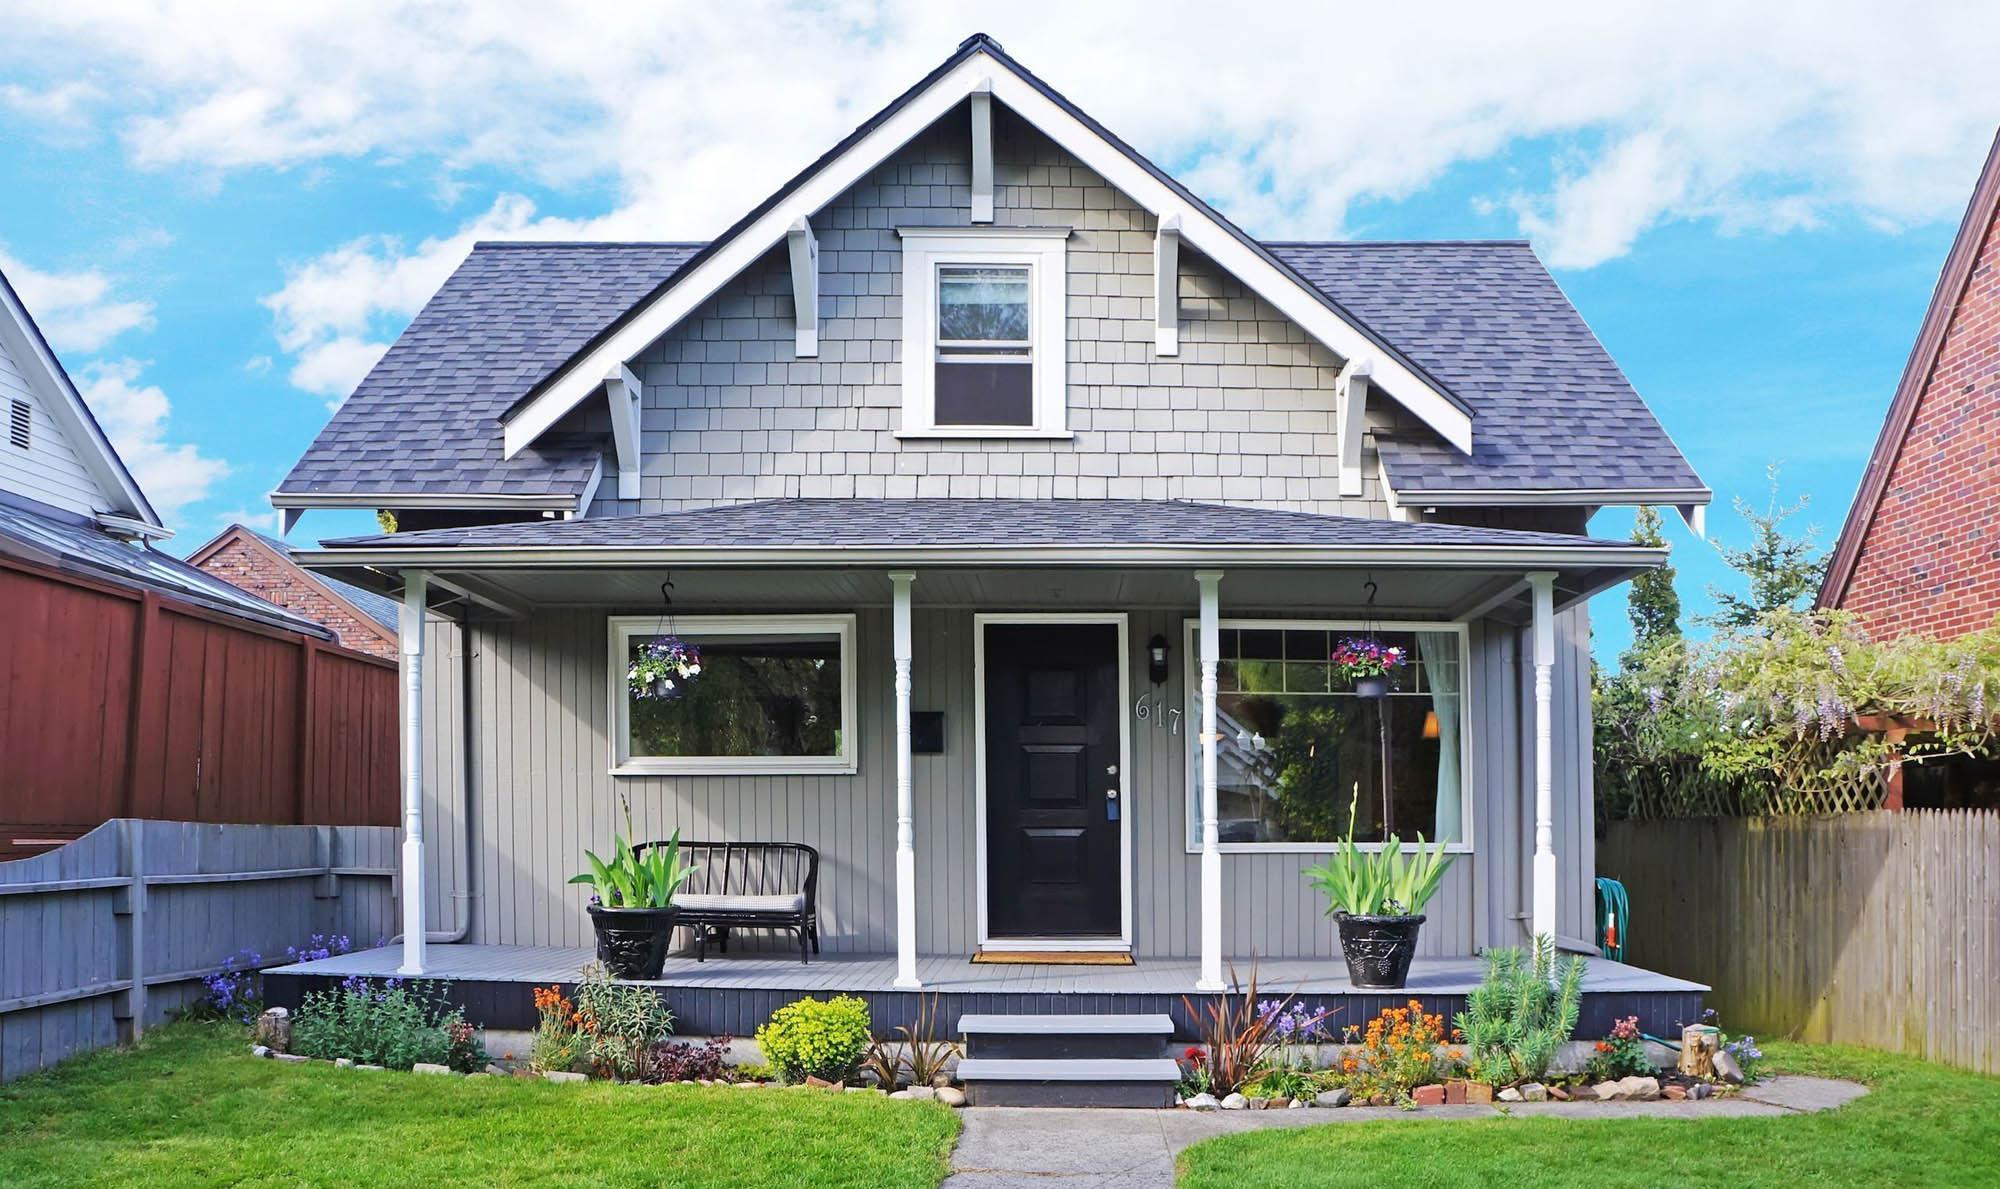 Top Small House Siding Colors | NJ Custom Home Builder ... on Modern House Siding Ideas  id=53638